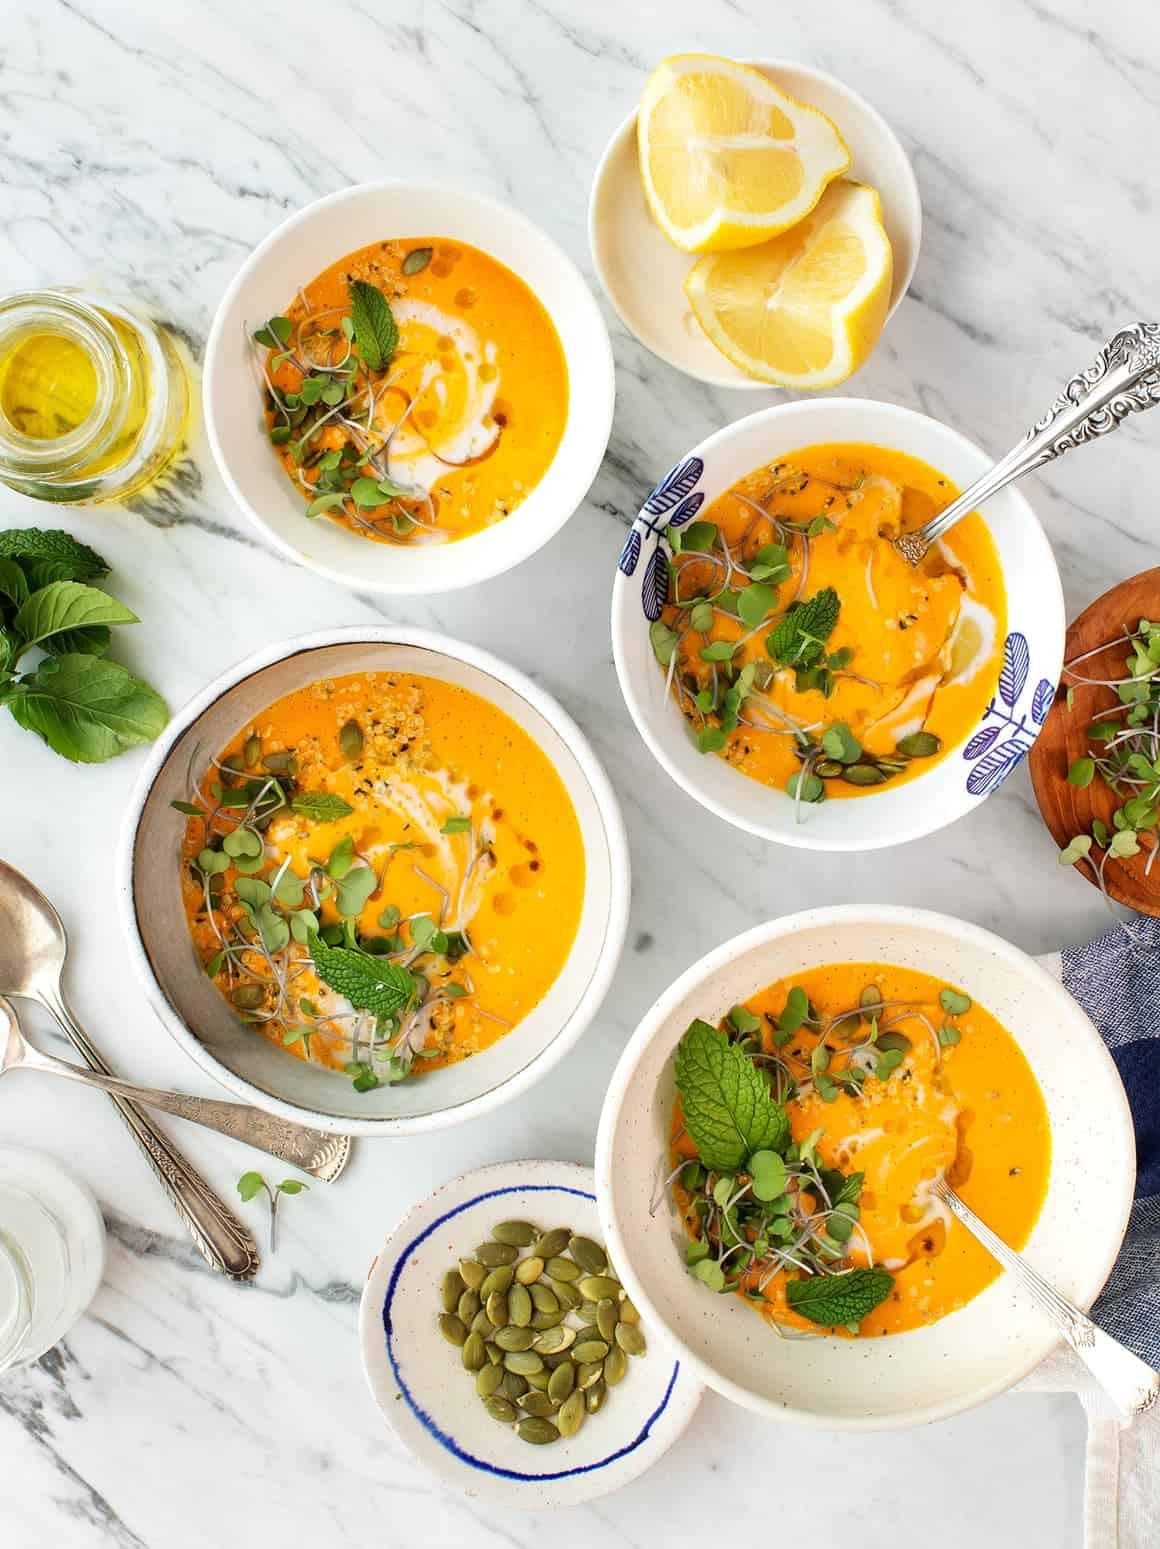 胡萝卜和柠檬草椰西班牙凉菜汤徳赢vwin捕鱼游戏